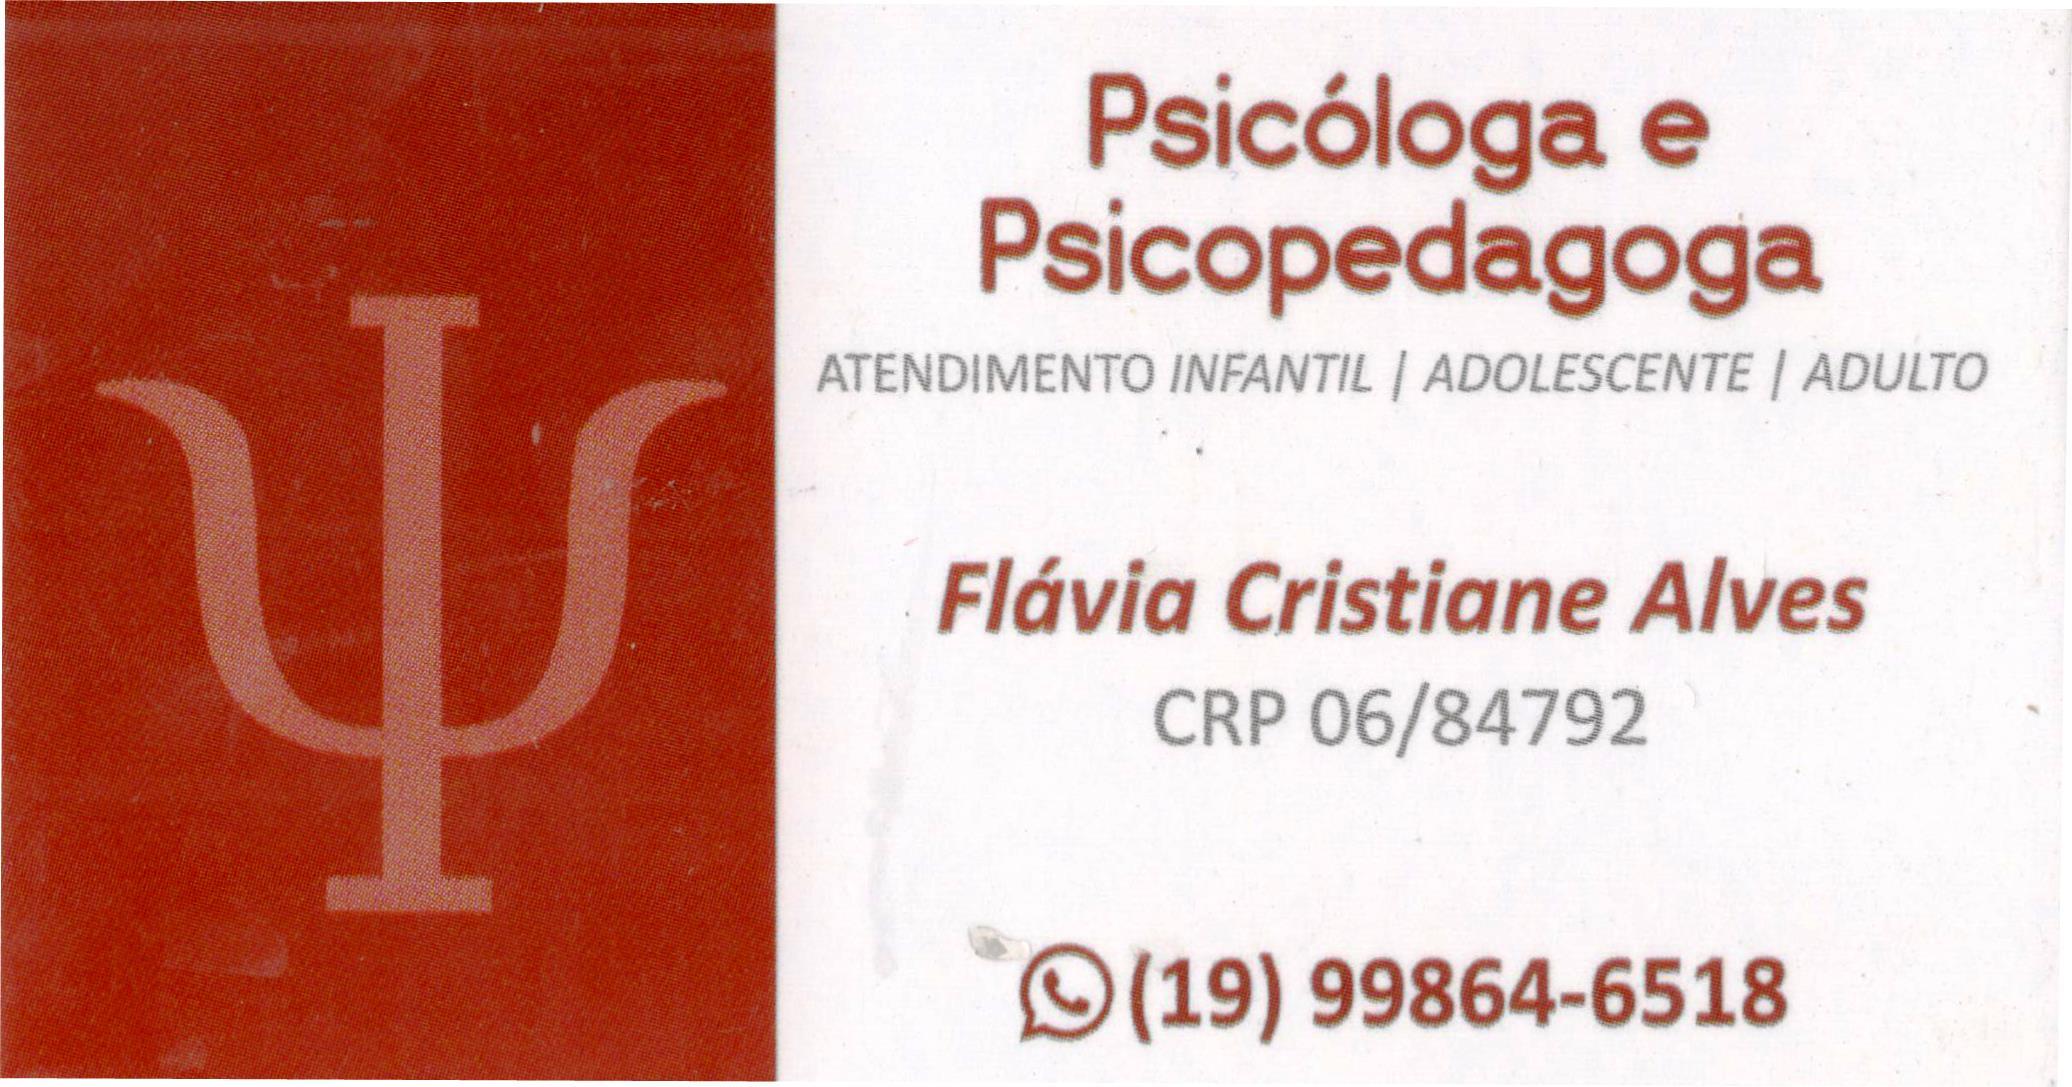 Flávia Cristiane Alves